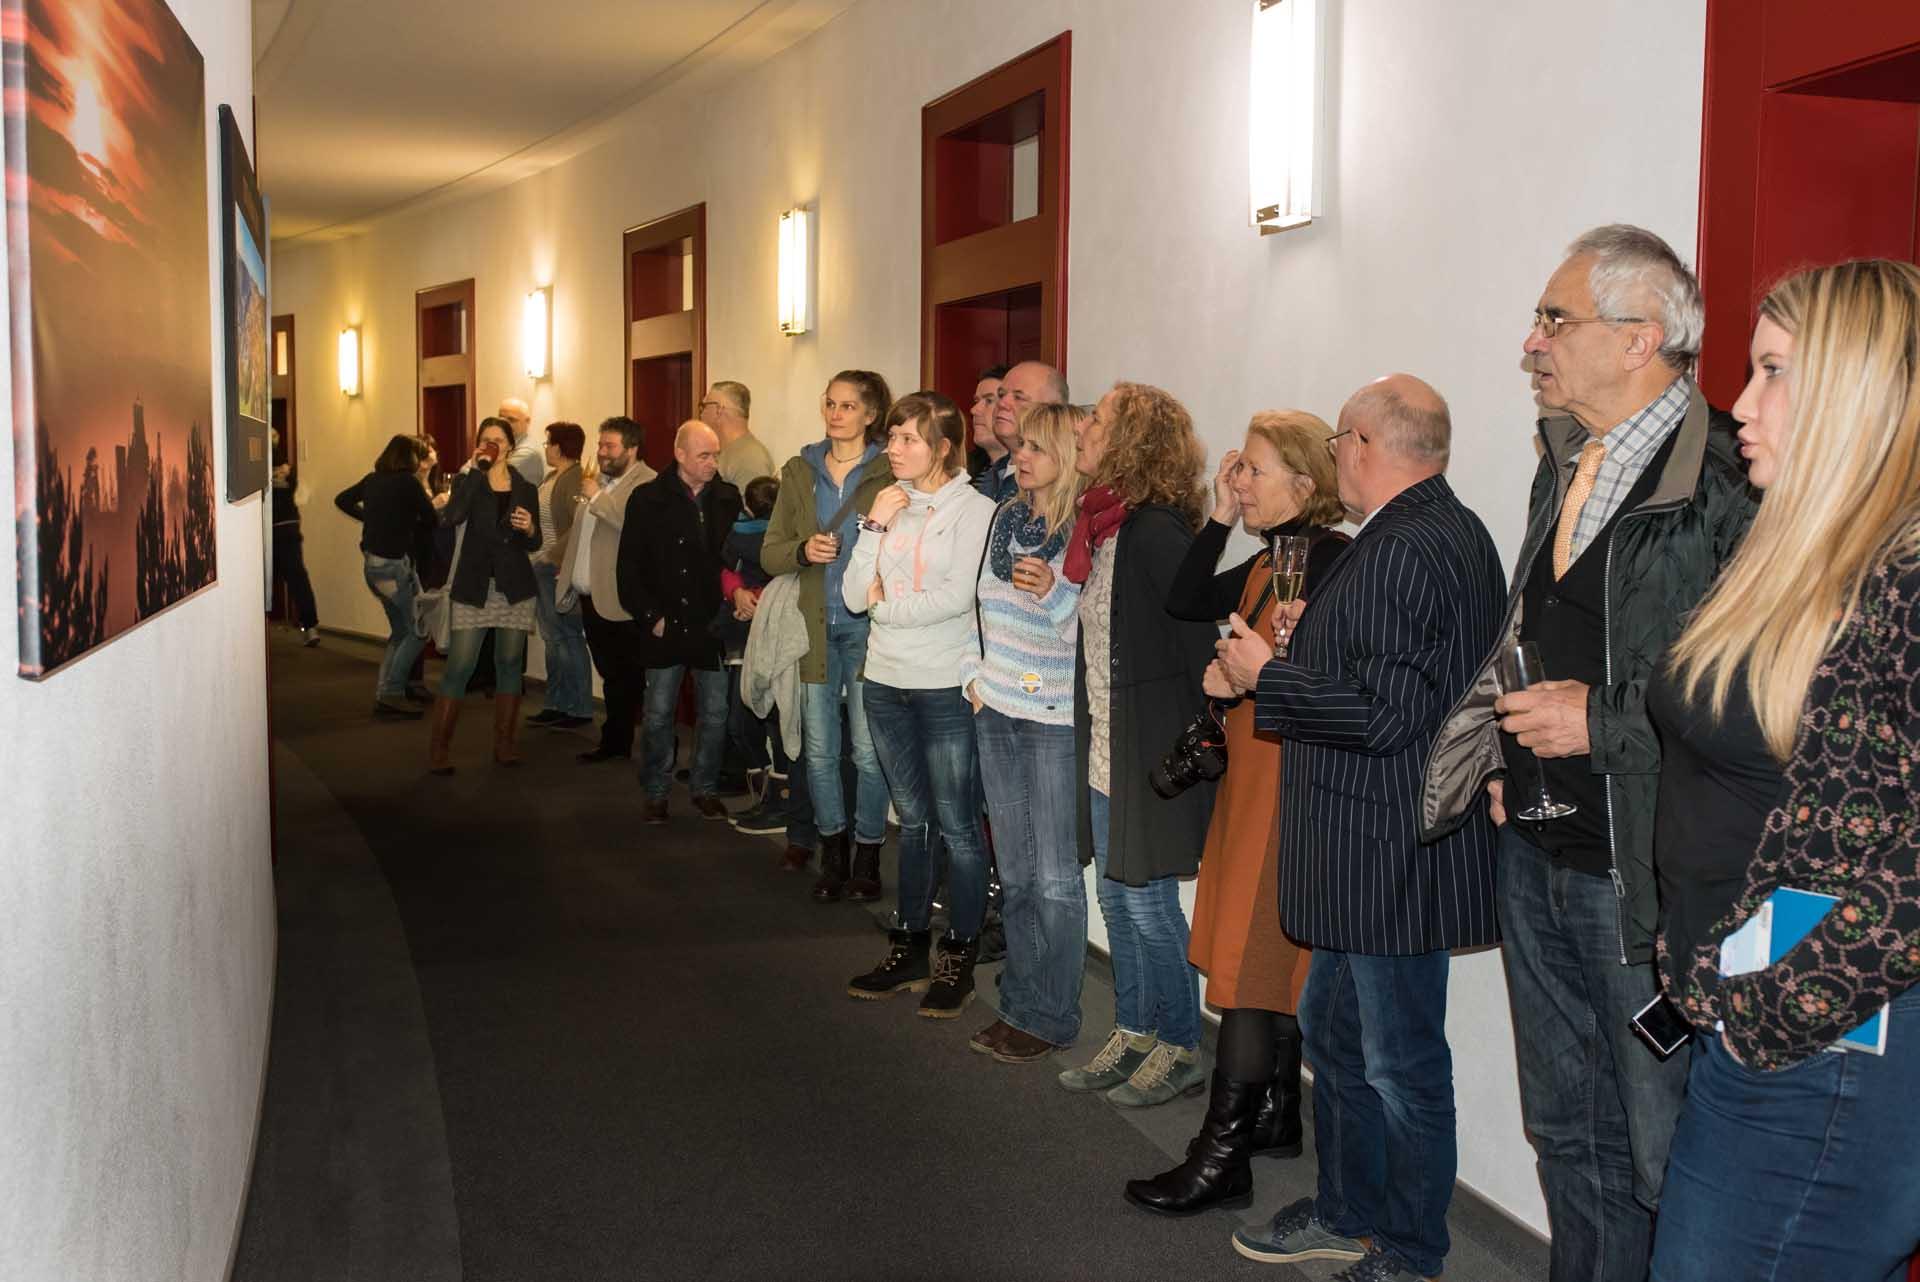 Vernissage mit Bürgermeister in Meiningen